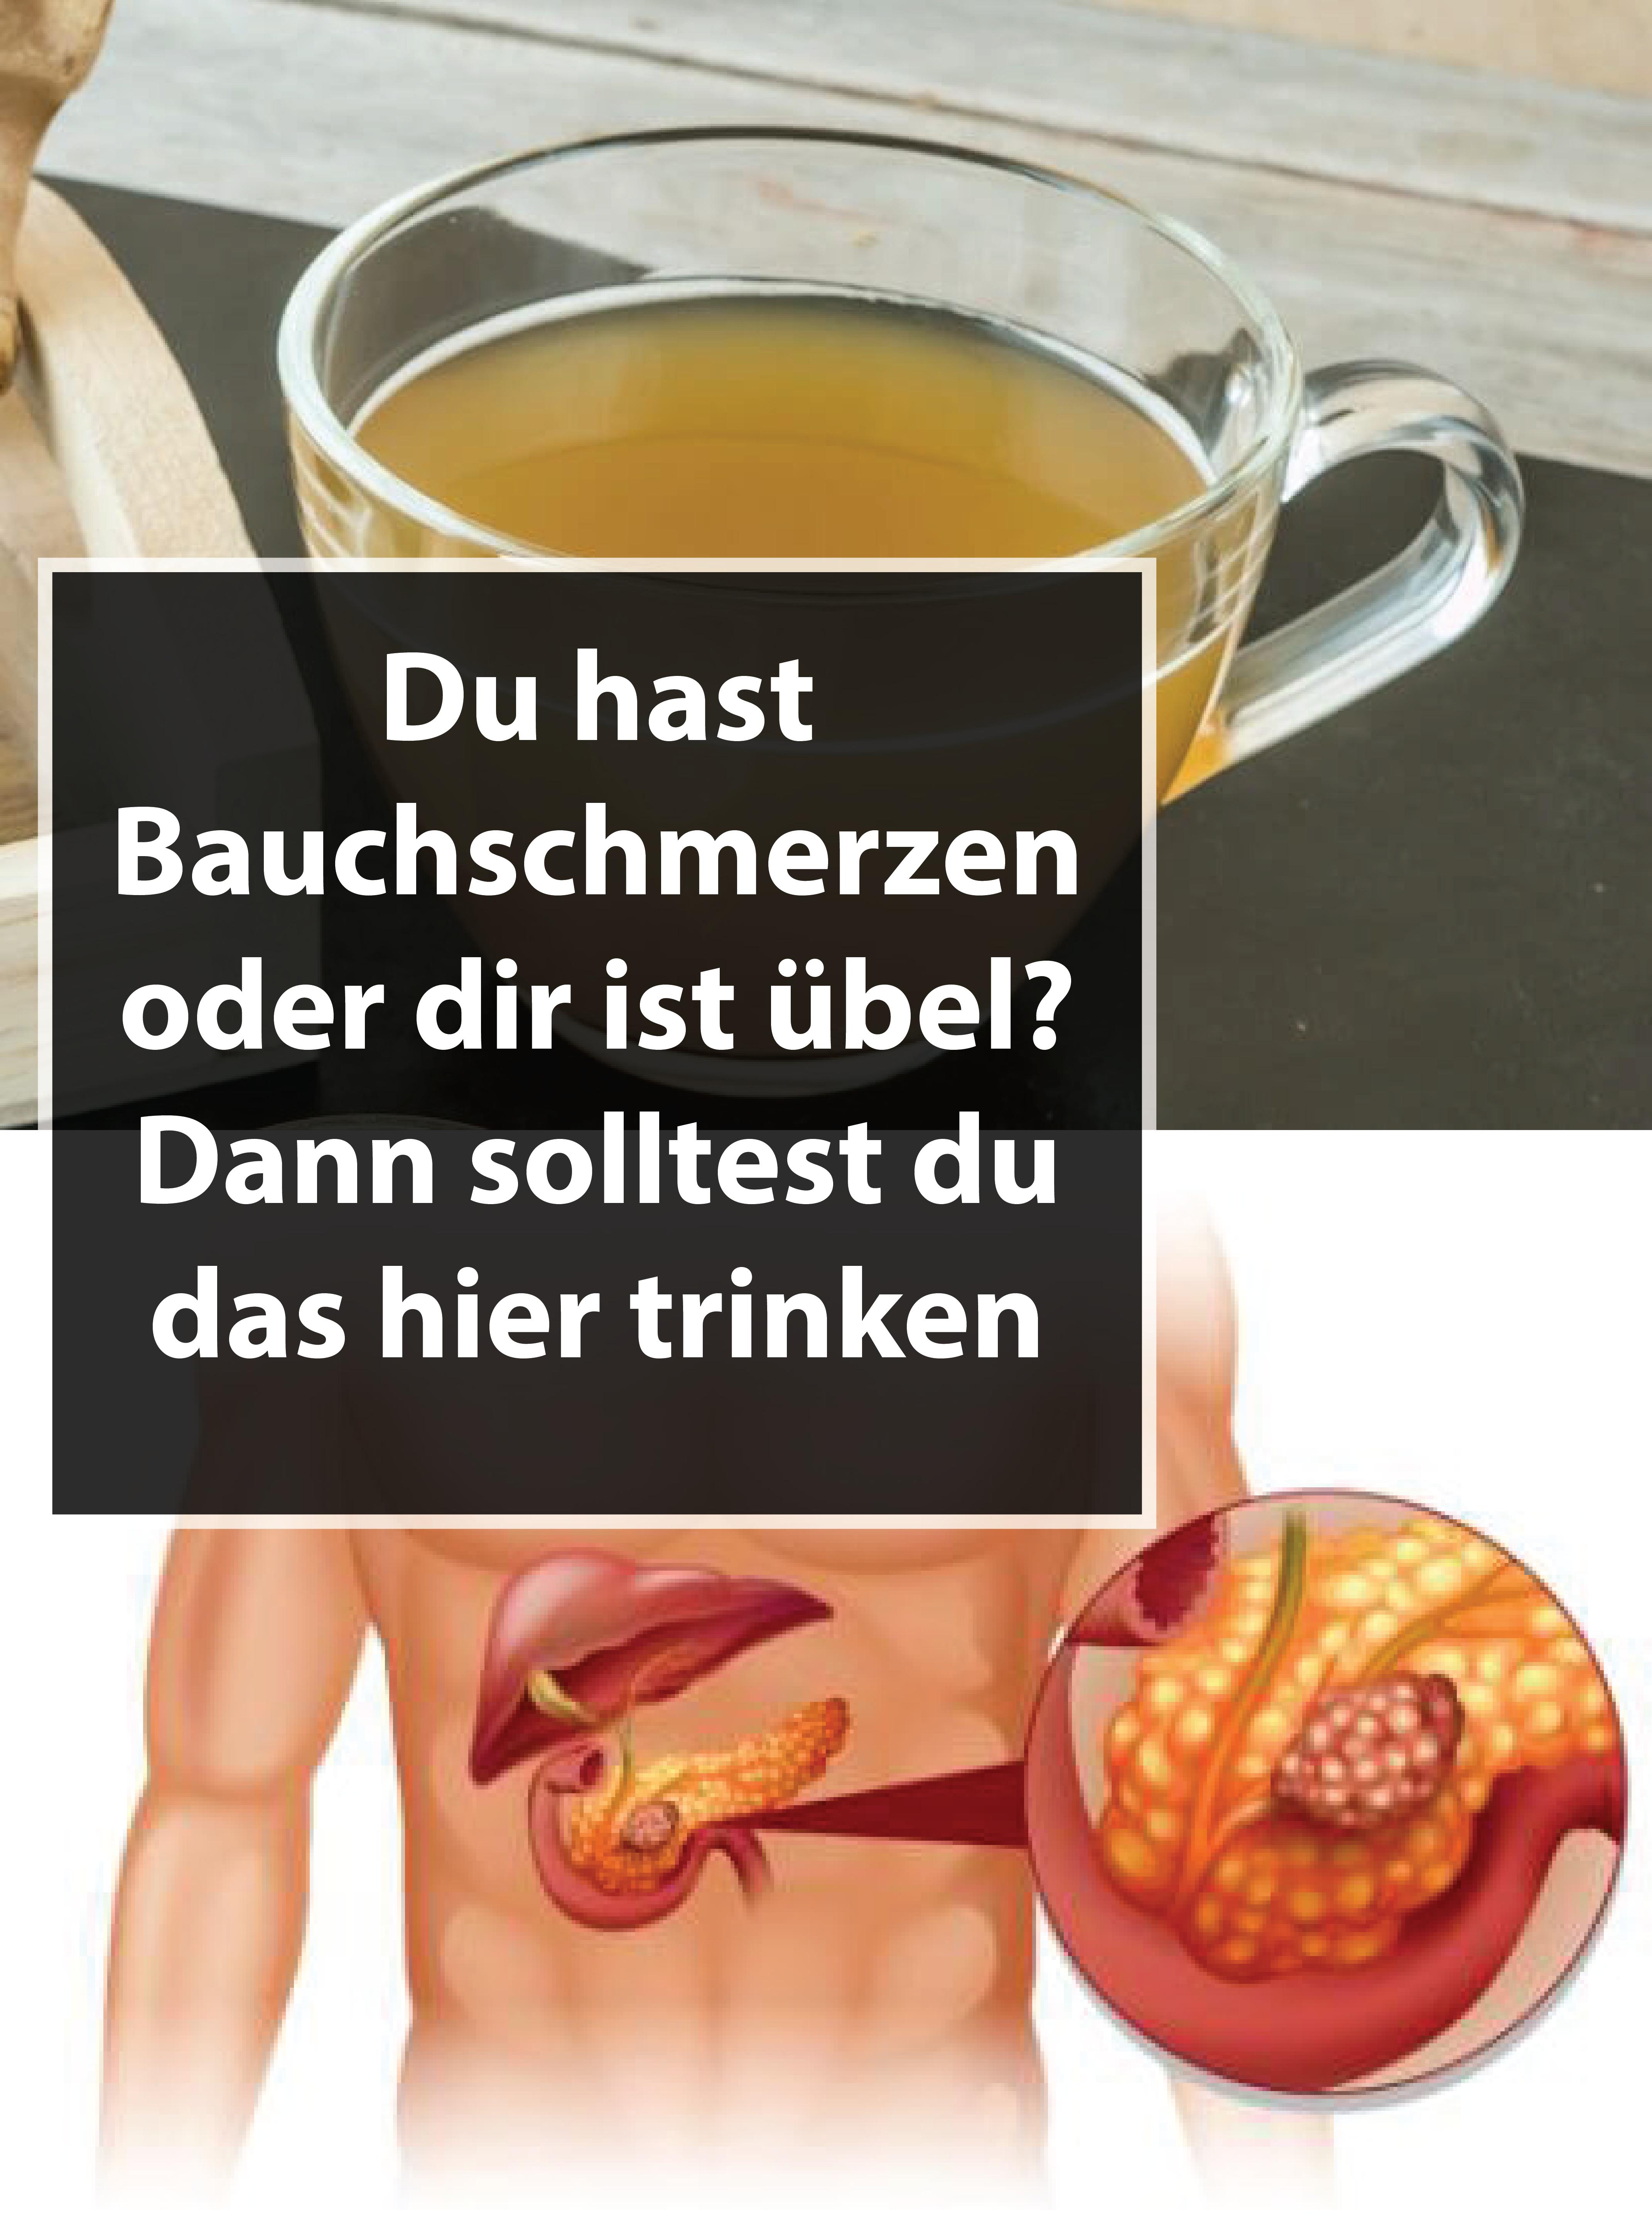 Du hast Bauchschmerzen oder dir ist übel? Dann solltest du das hier trinken